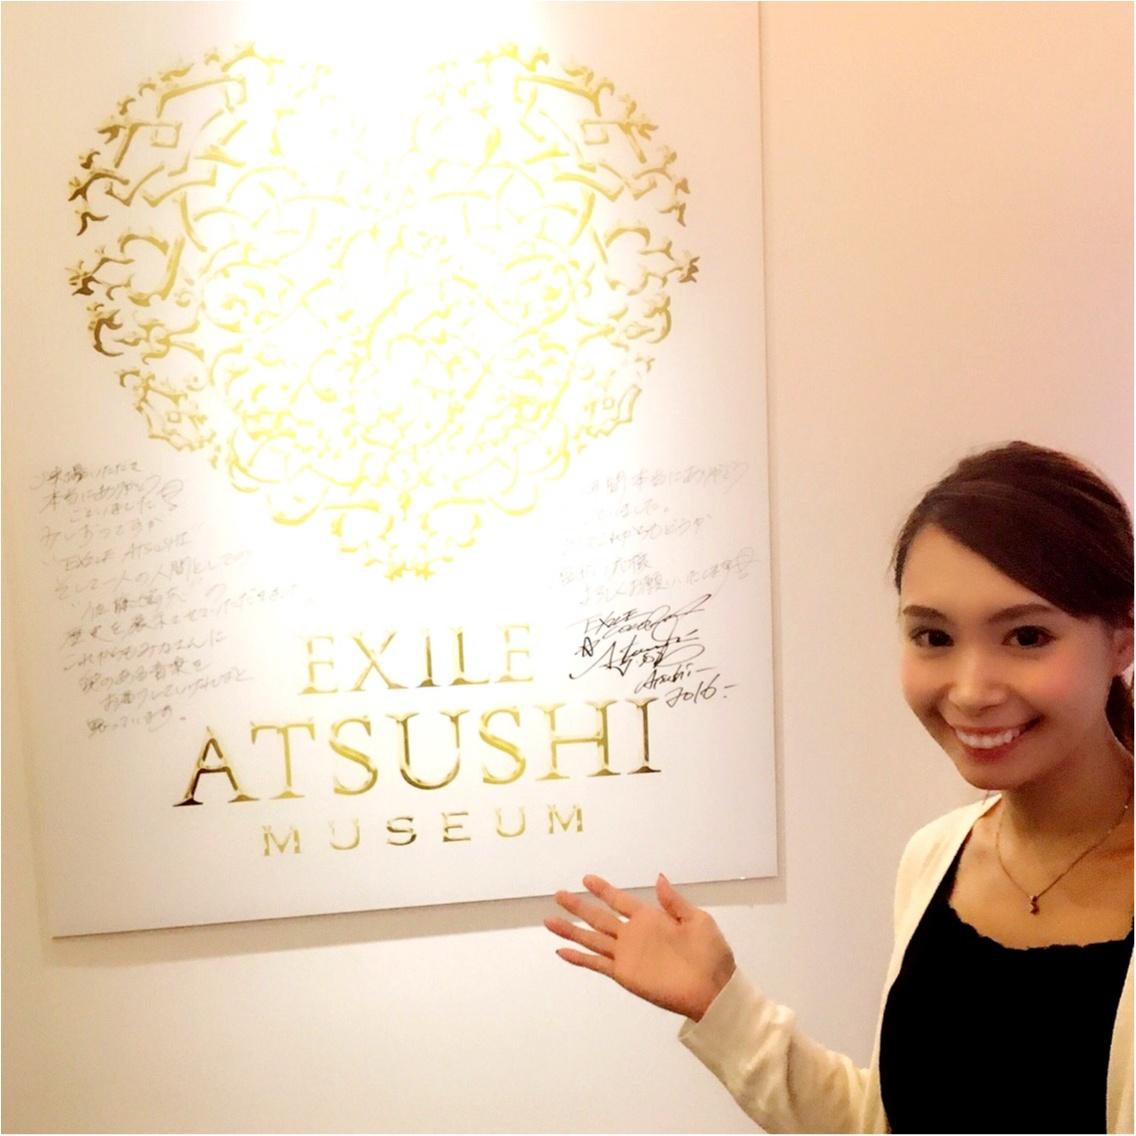 モアハピ部の中で1番[EXILE ATSUSHIさん]が大好きなのは私デス♡!!_6